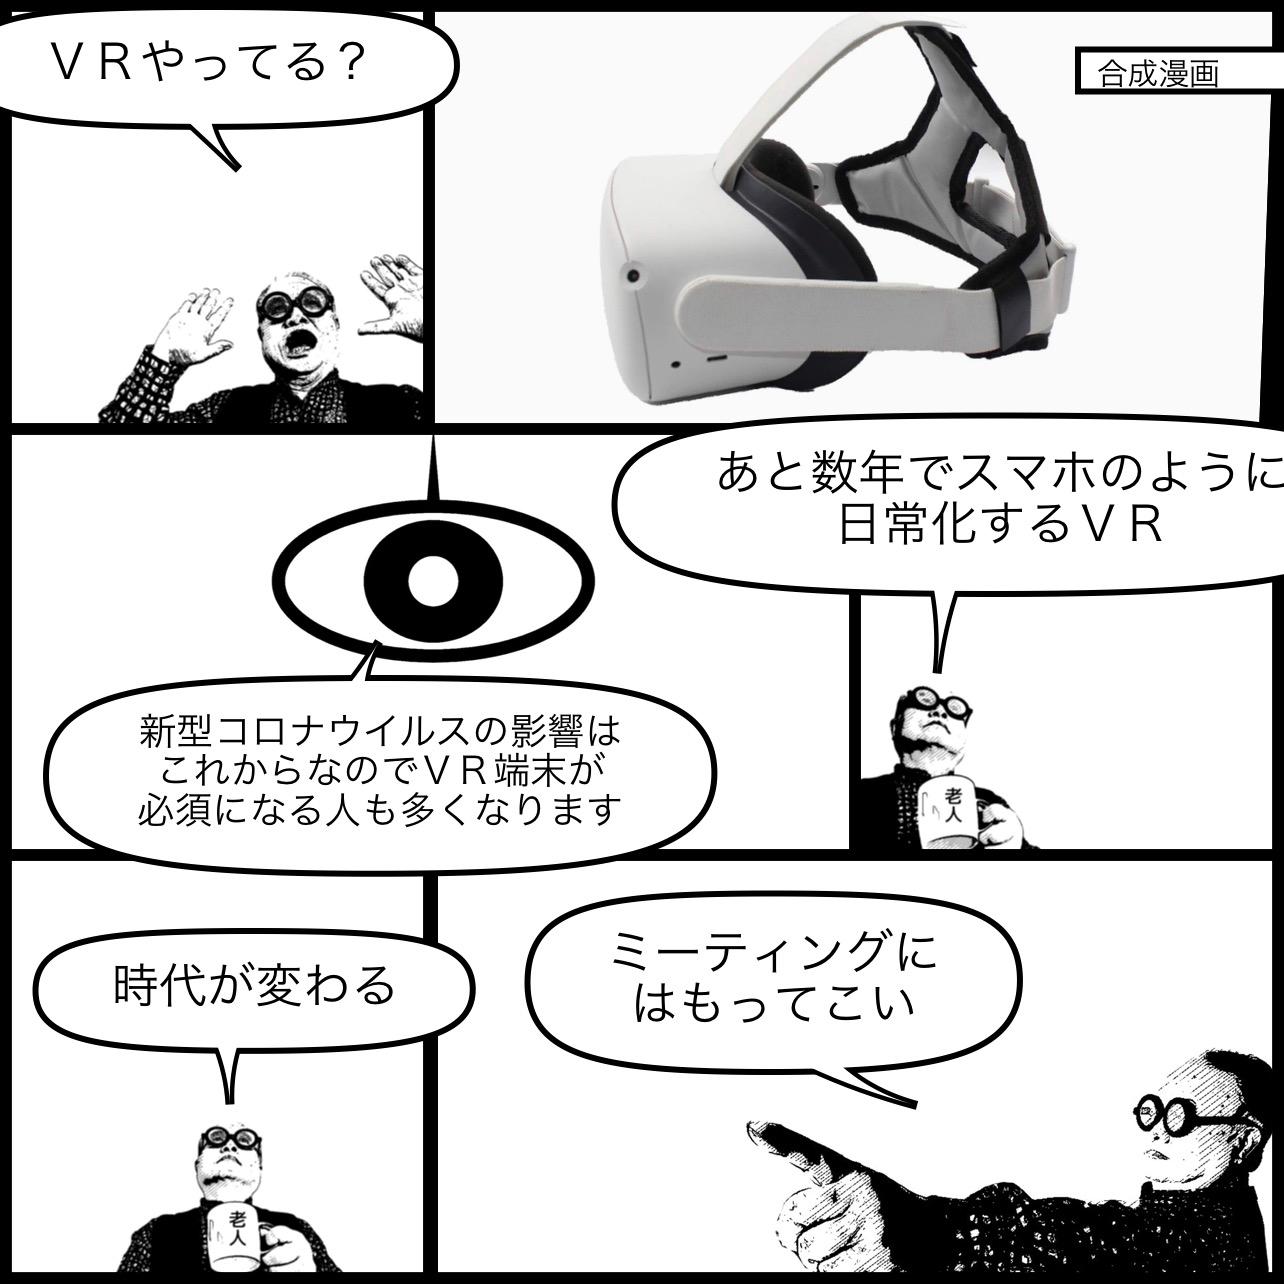 VRやってる?